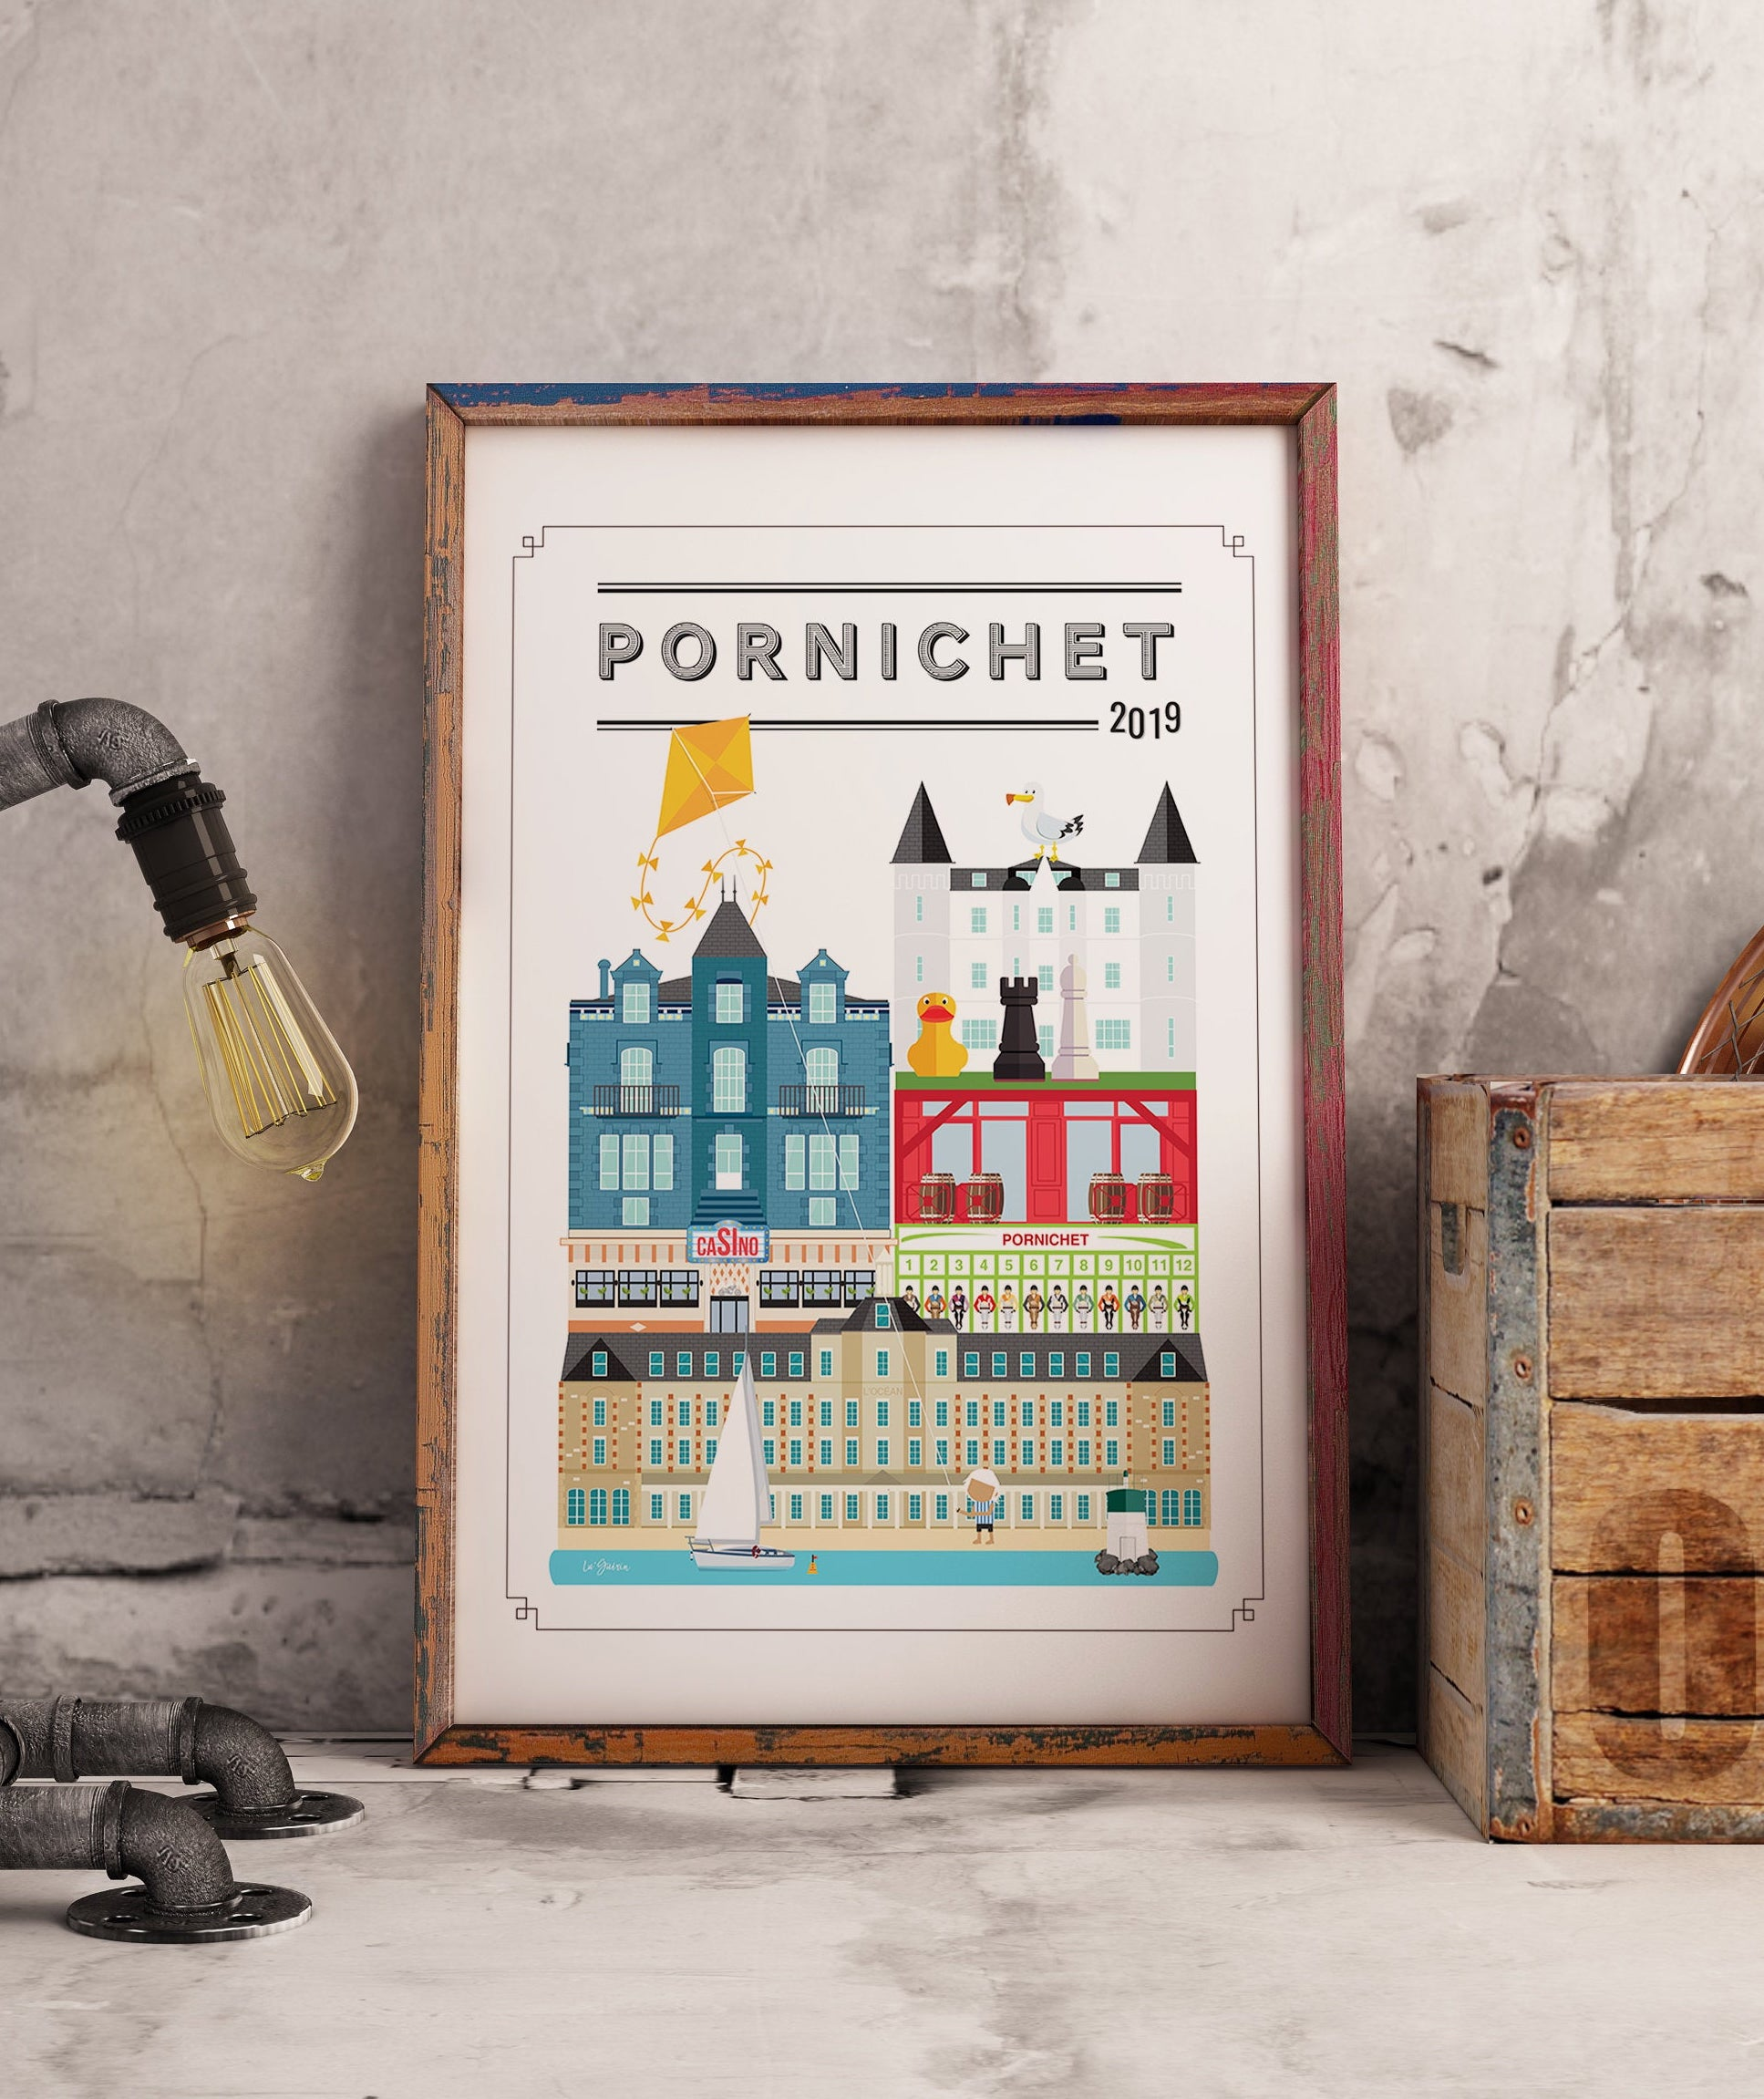 Illustrateurs Etsy Poster Art Frame Lu Guerin Pornichet architecture design vintage moderne